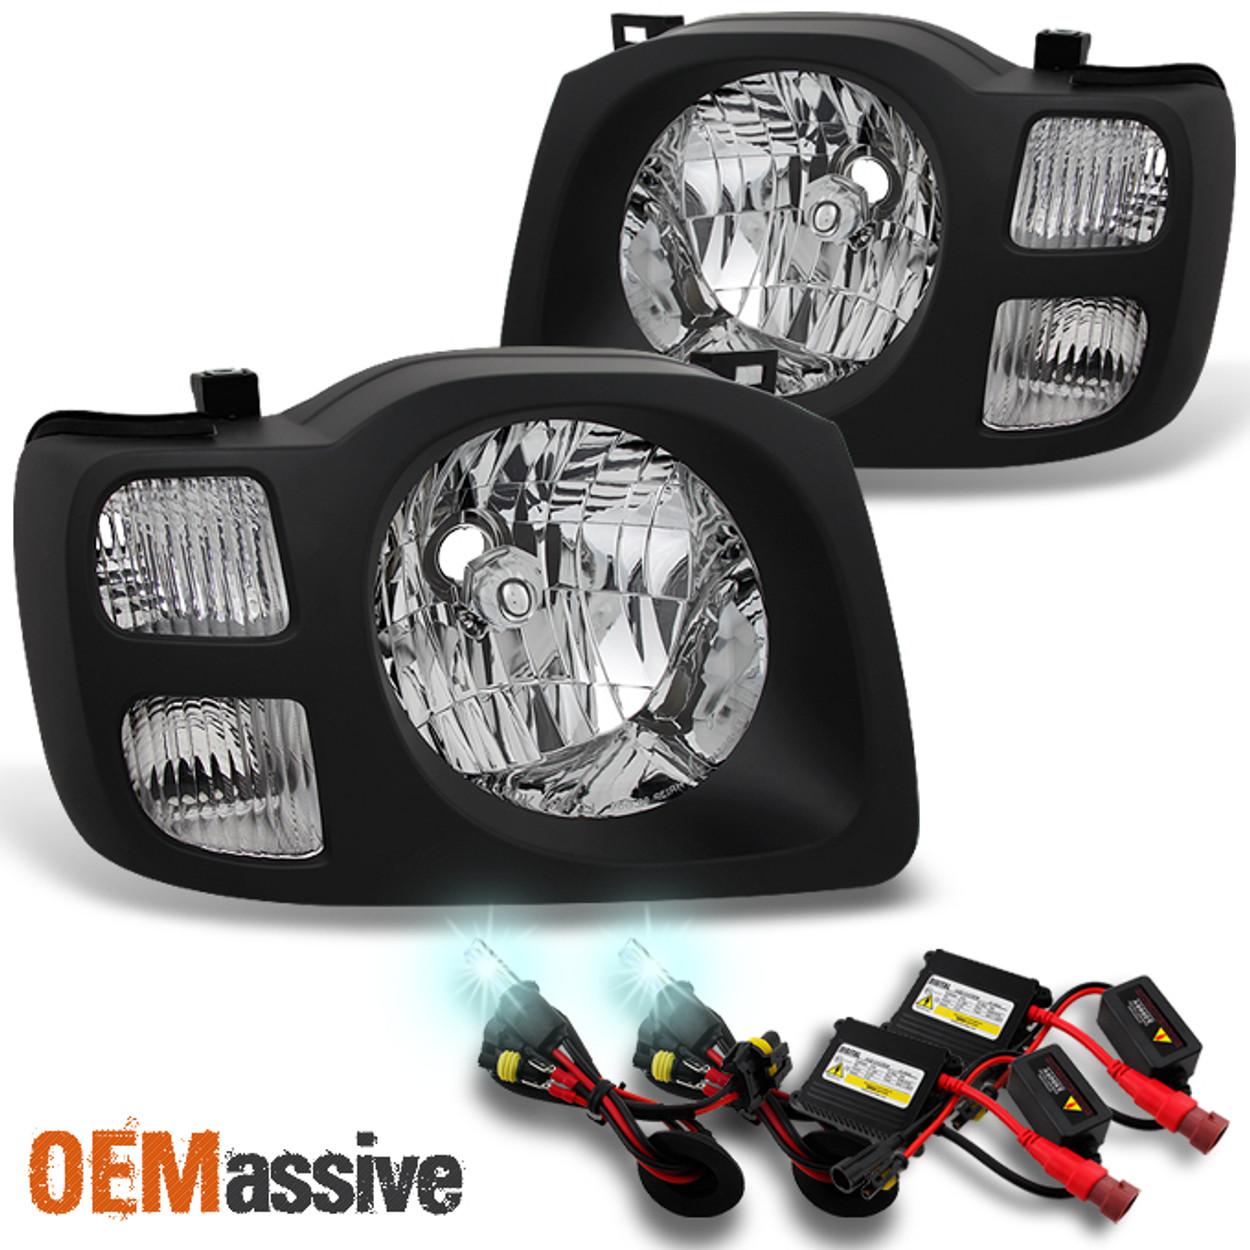 fits 2002 2003 2004 xterra suv black lh rh headlights set 8000k slim hid kit oemassive oemassive